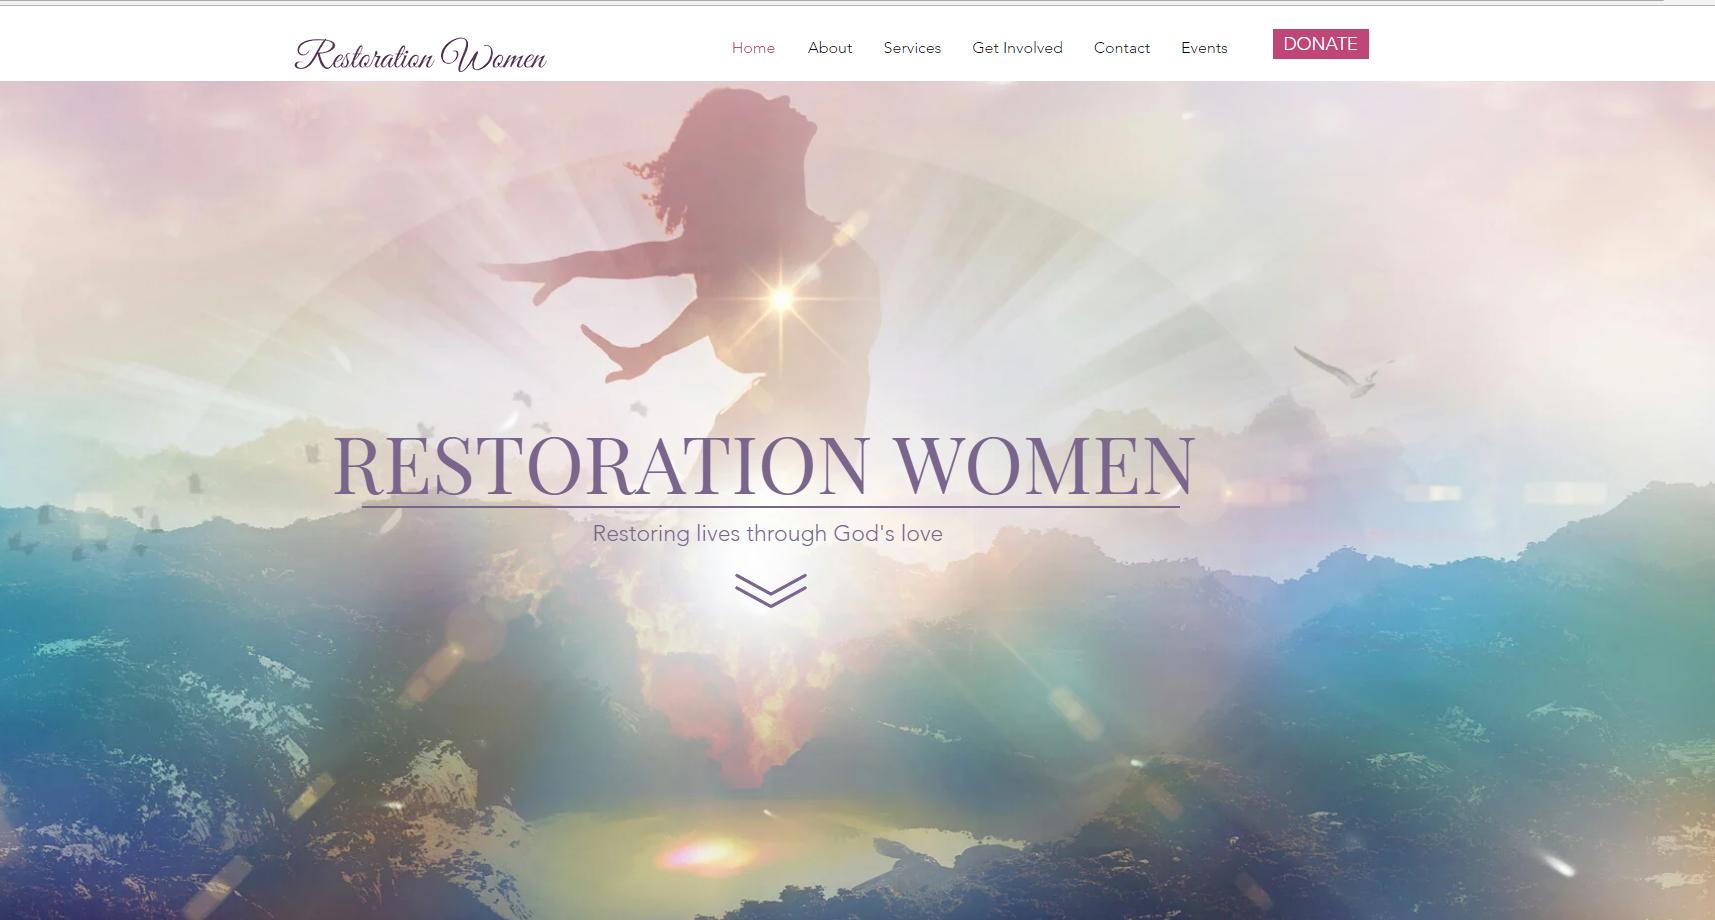 restoration women non profit Williamsburg VA